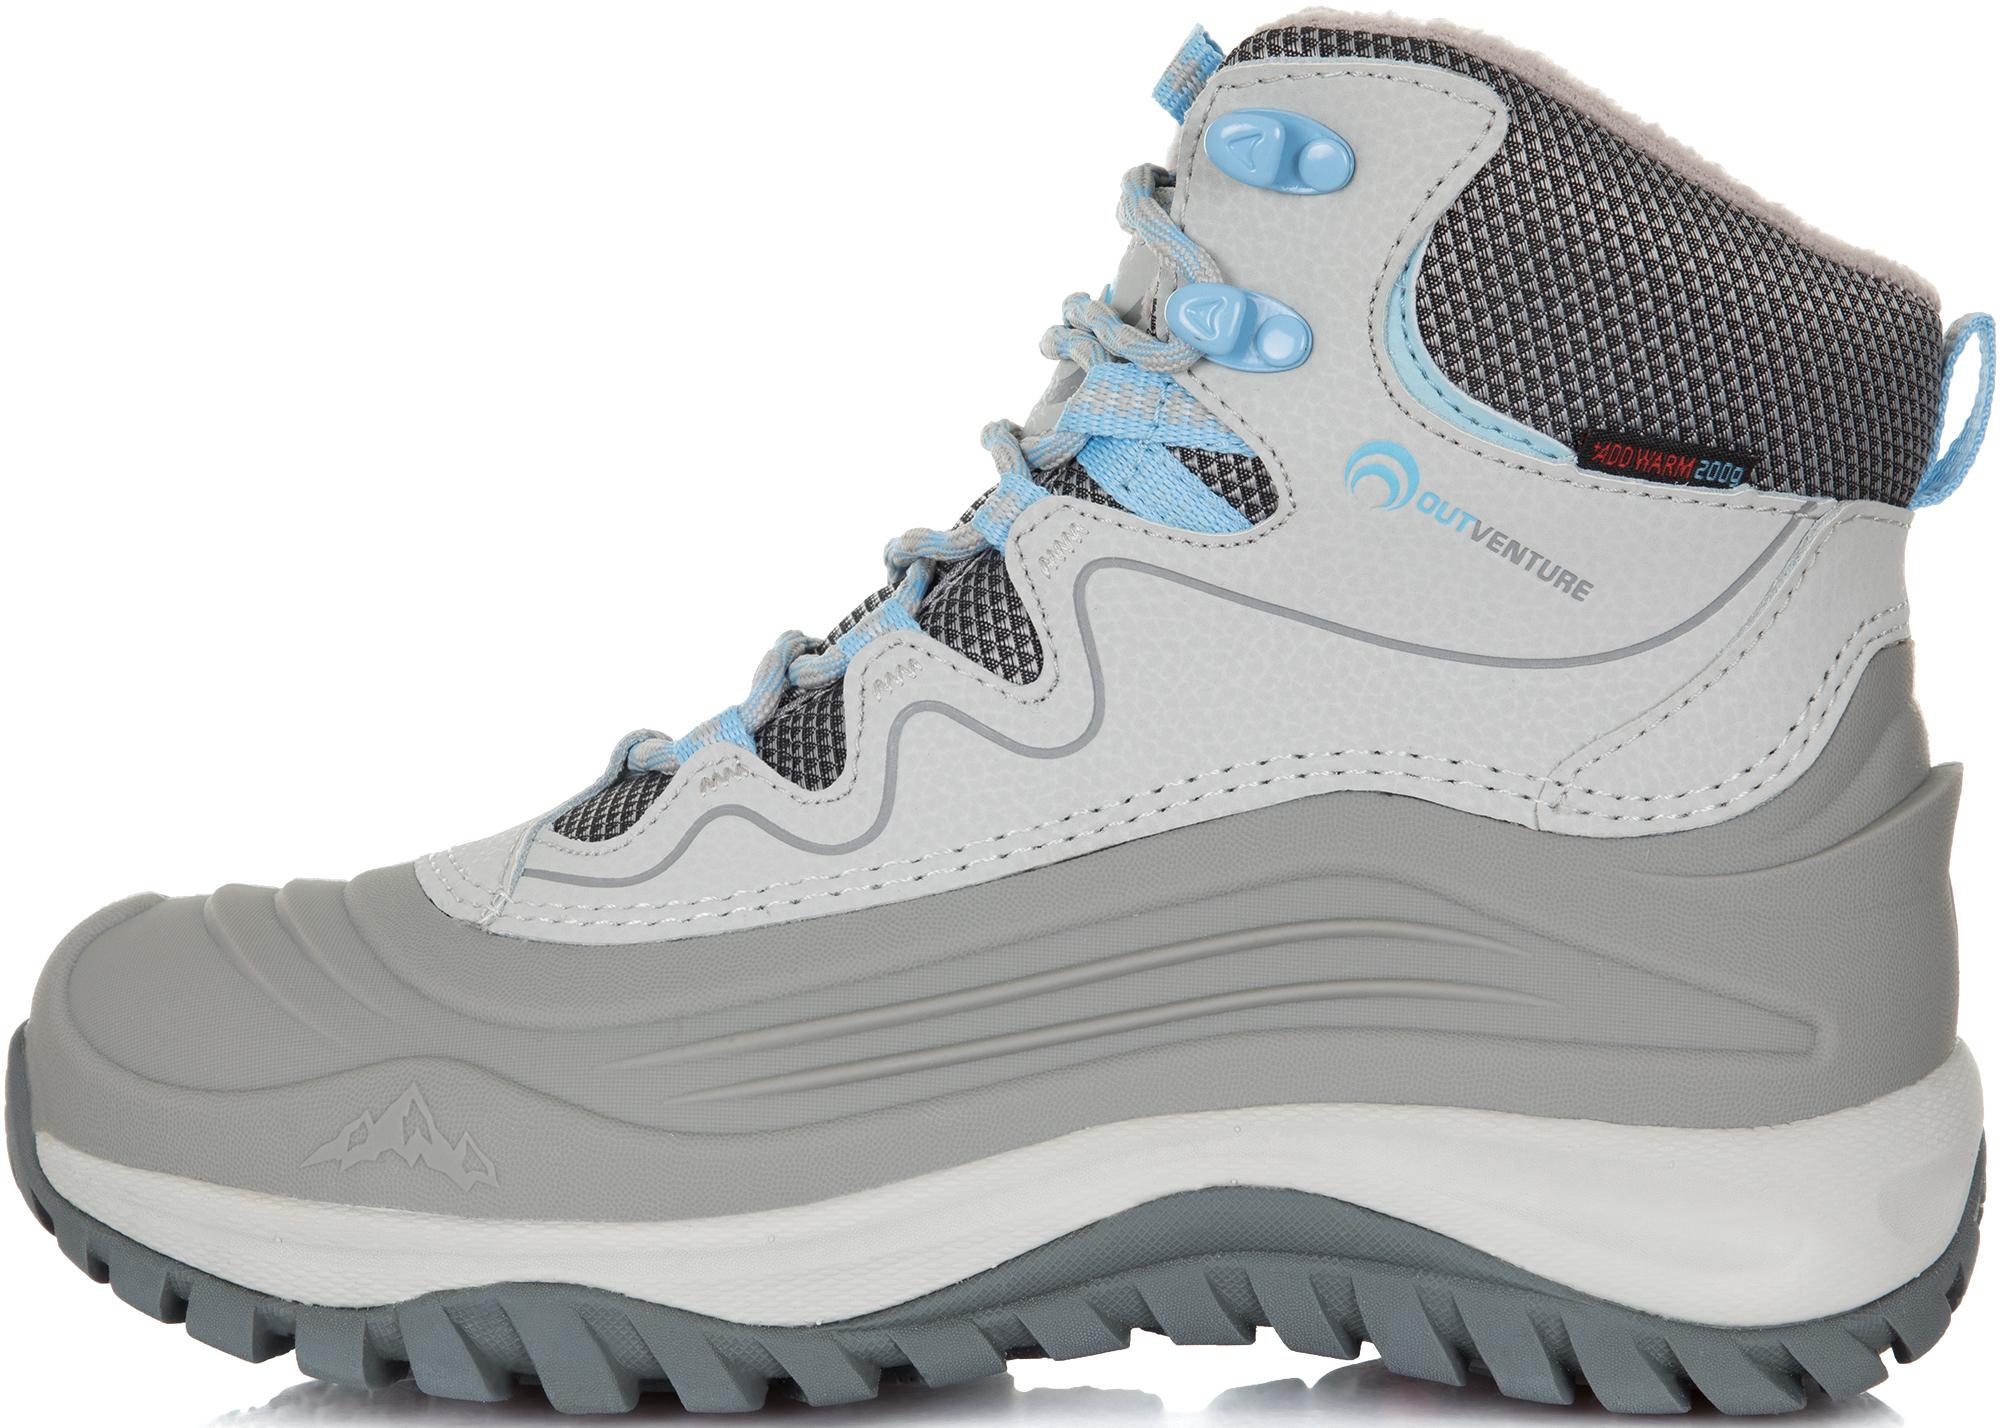 Outventure Ботинки утепленные женские Frostflower, размер 41